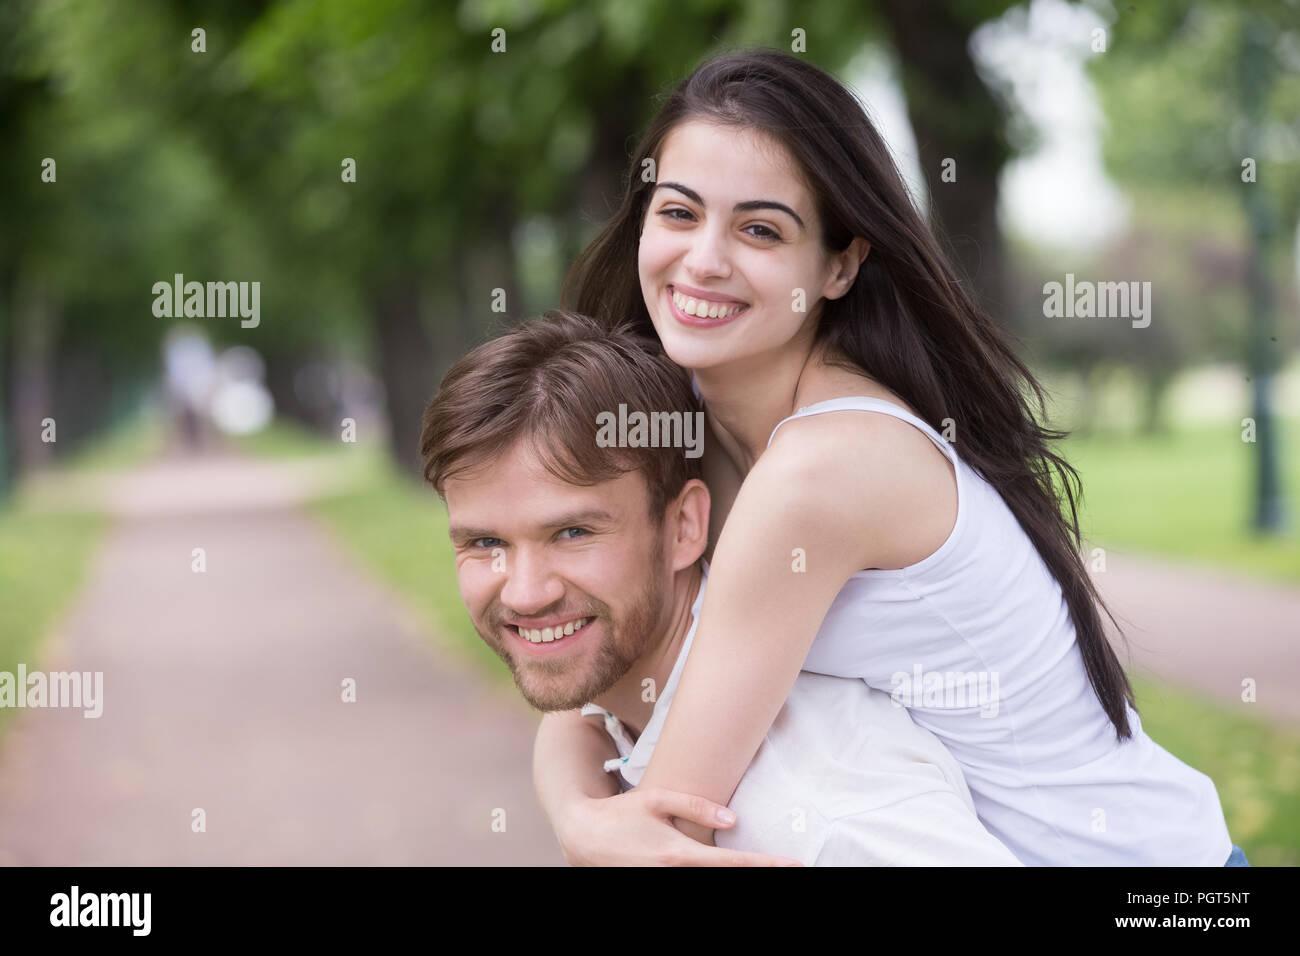 Portrait von lächelnden jungen Freundin piggyback Tausendjährigen boyfri Stockbild